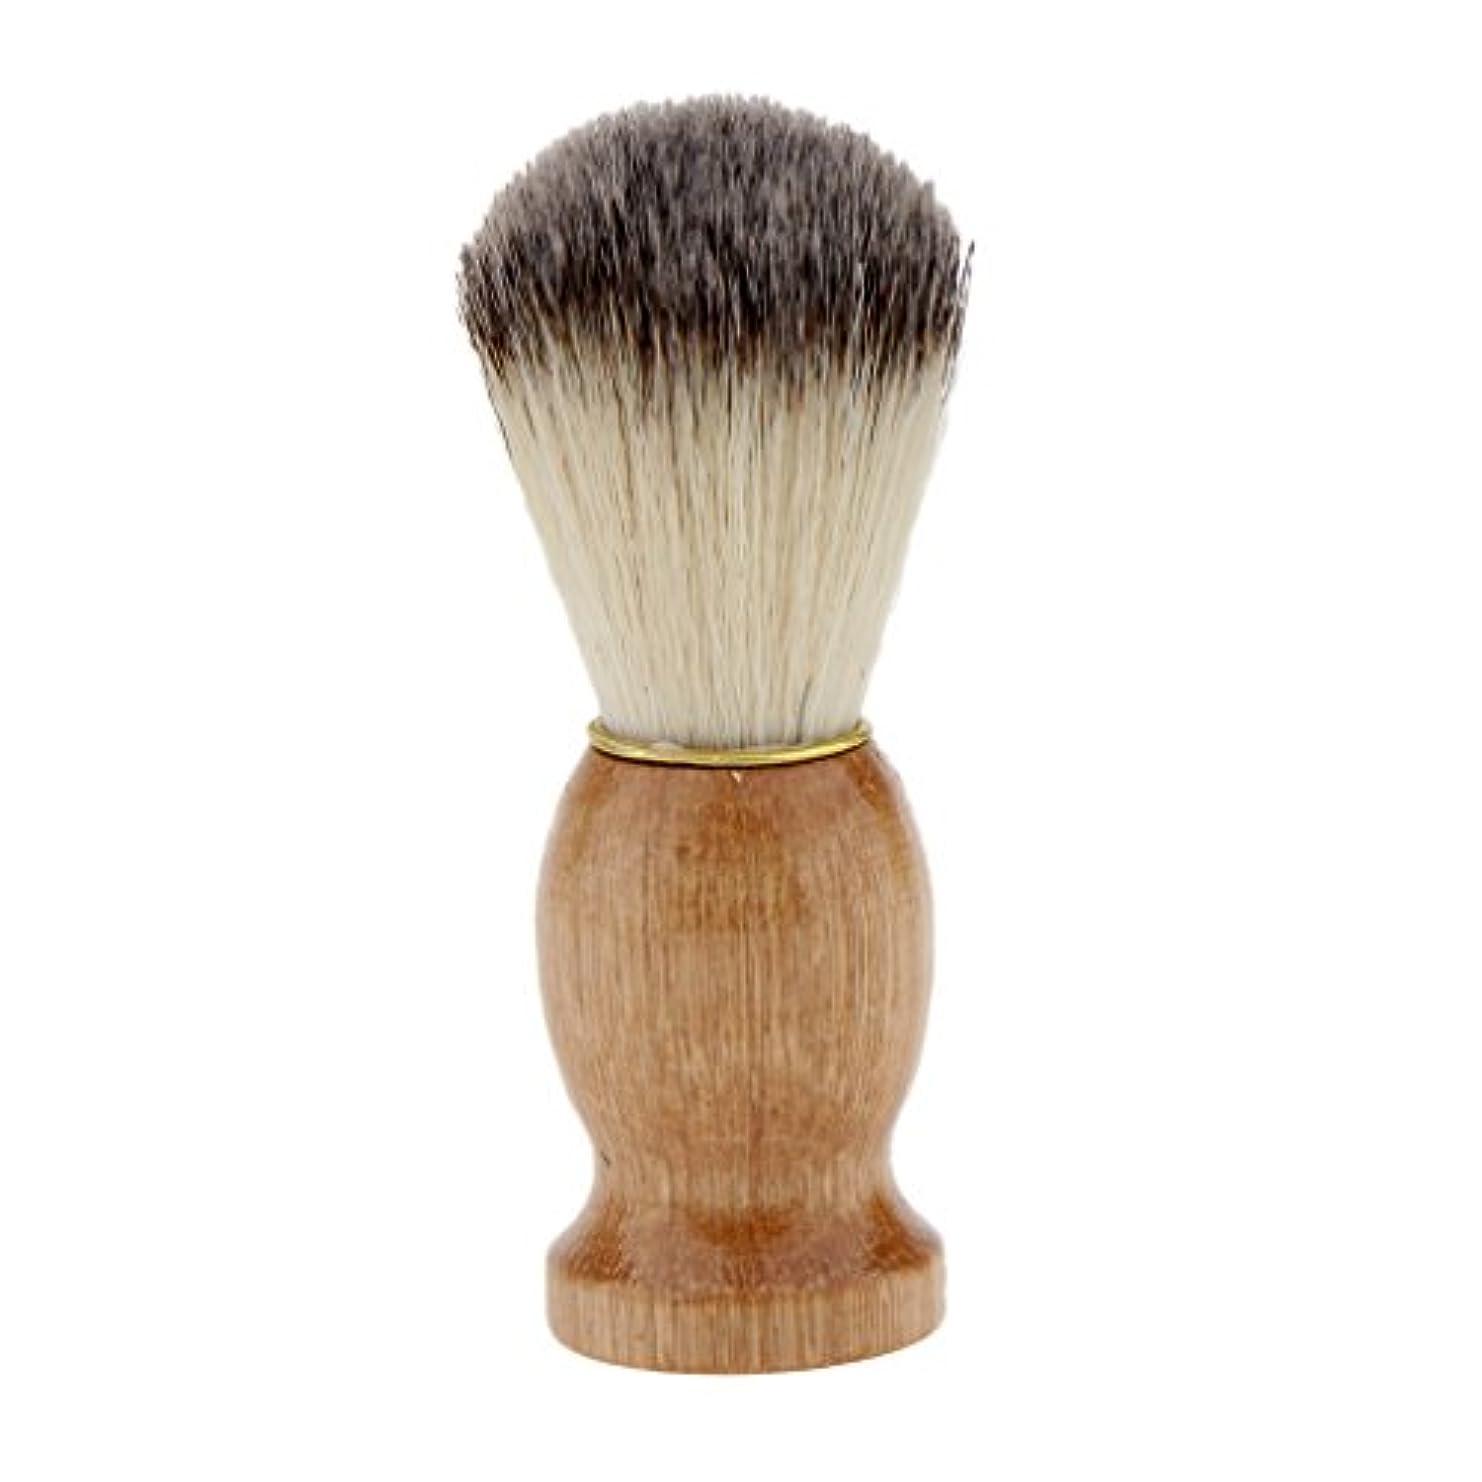 本物の蒸し器ラフトシェービングブラシ 理容師 シェービングブラシ ひげ剃りブラシ コスメブラシ 木製ハンドル